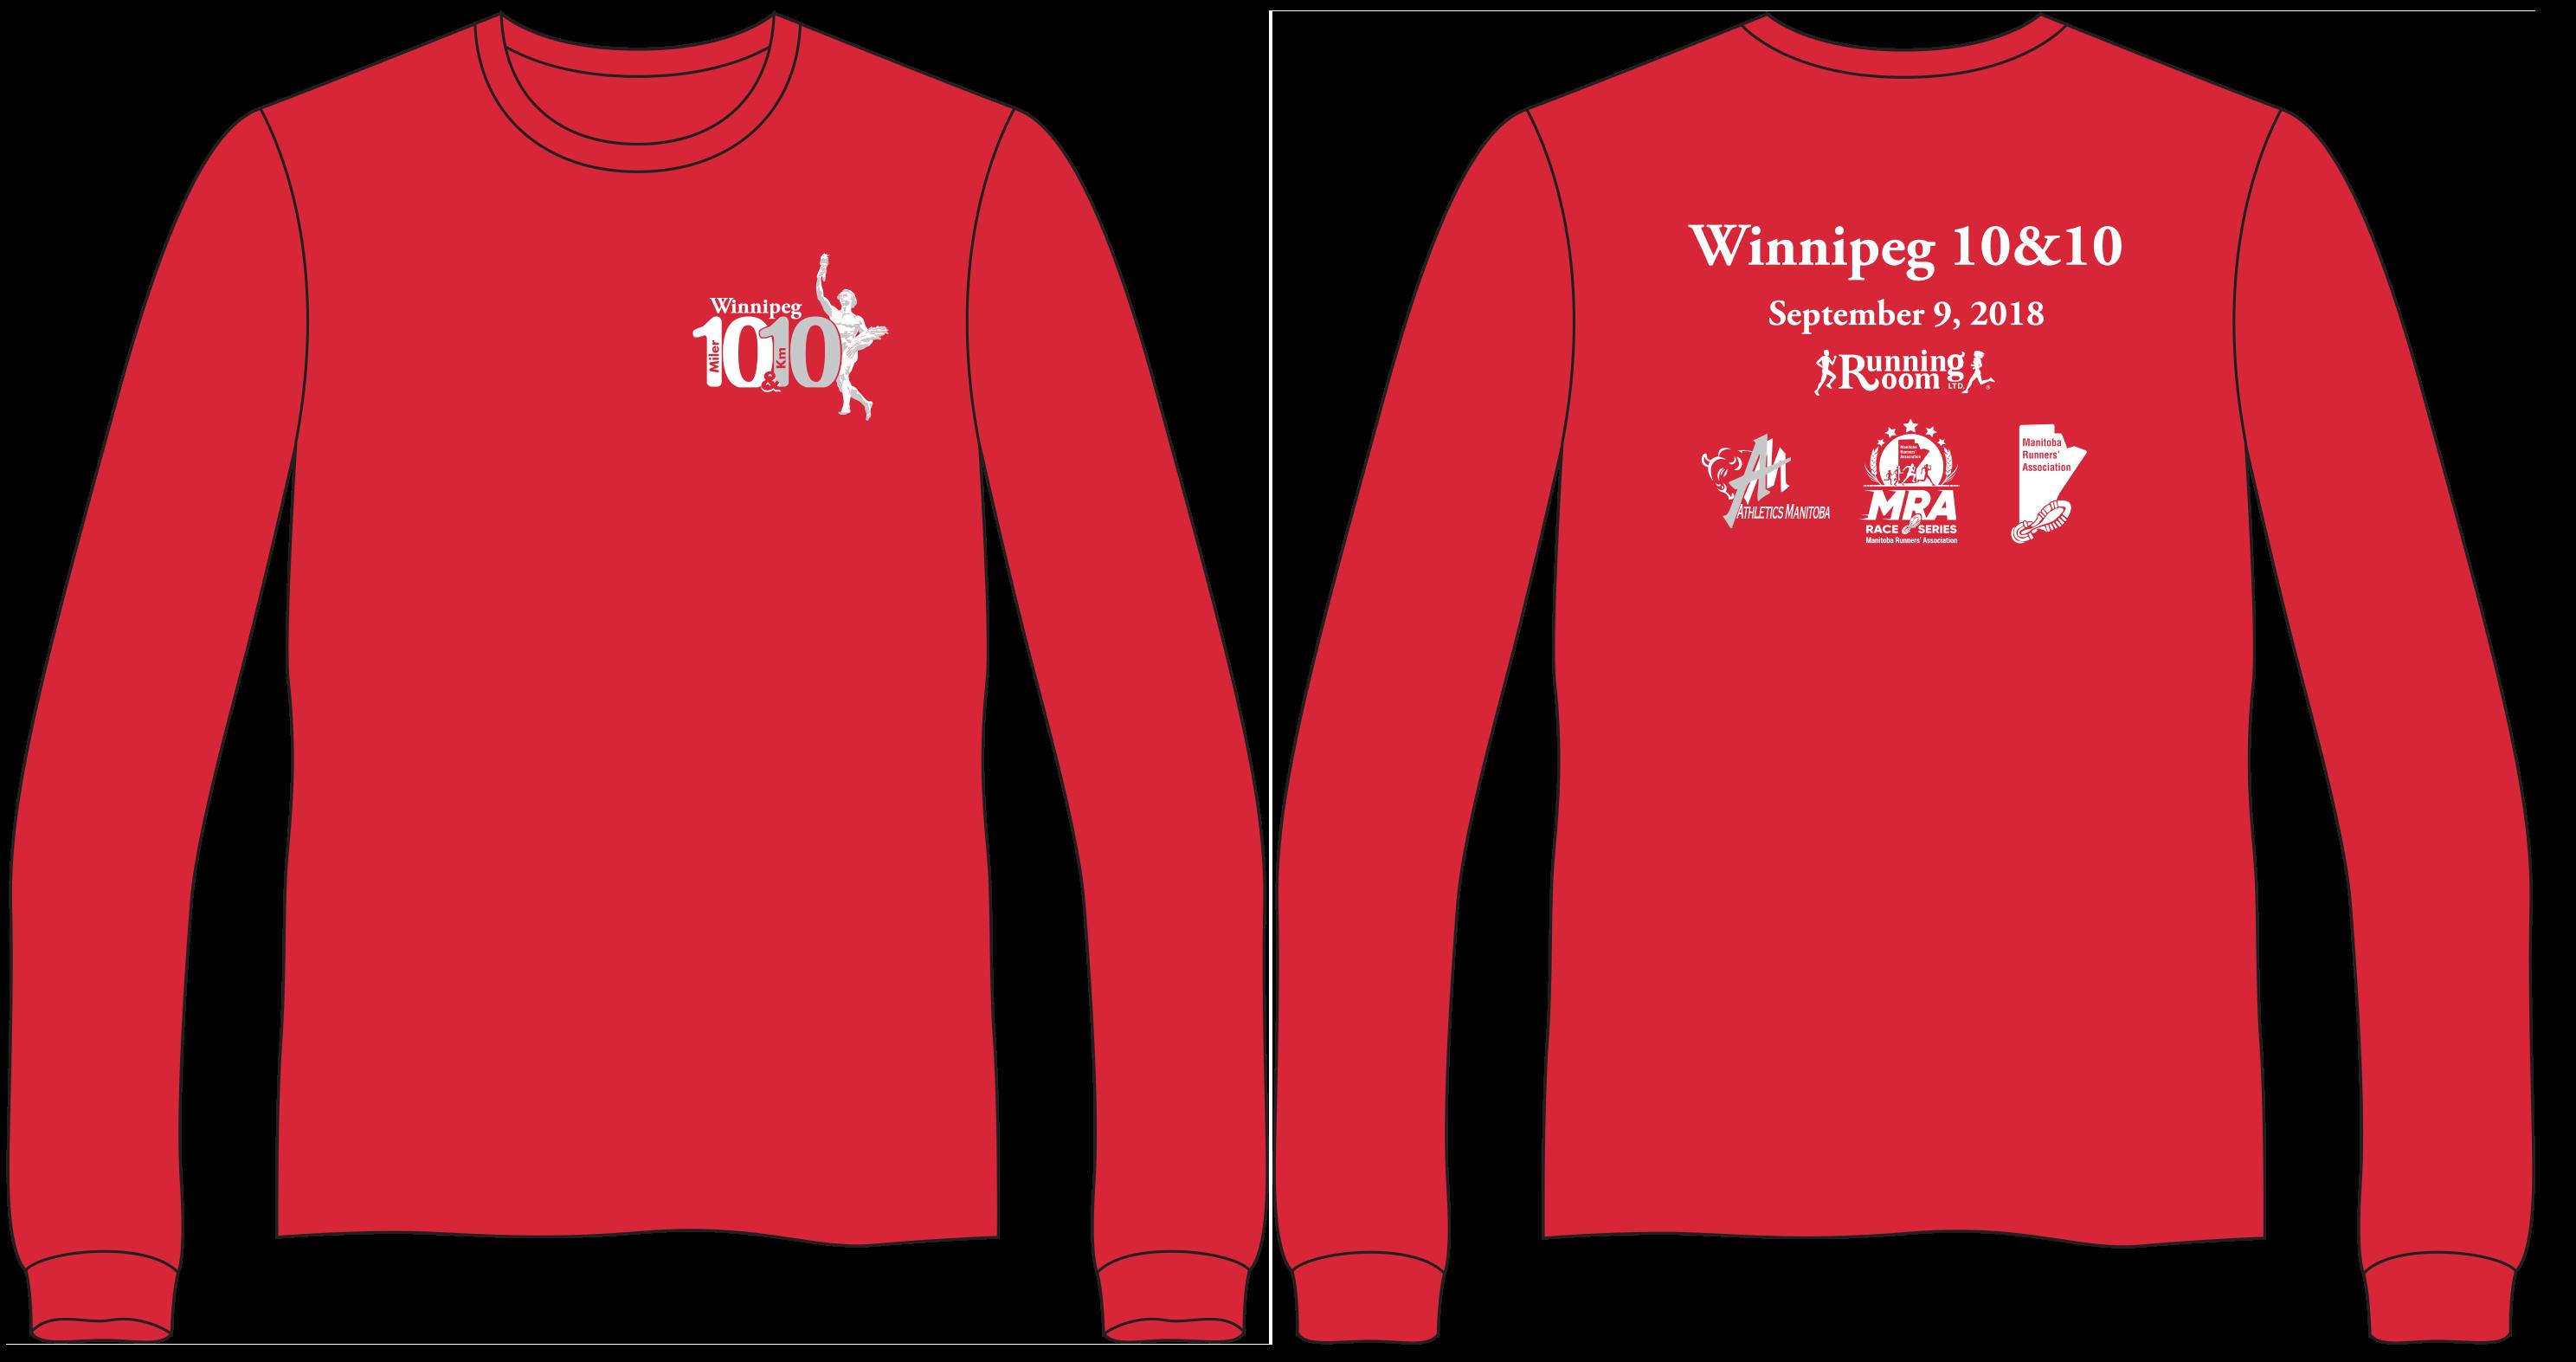 winnipeg10 shirt